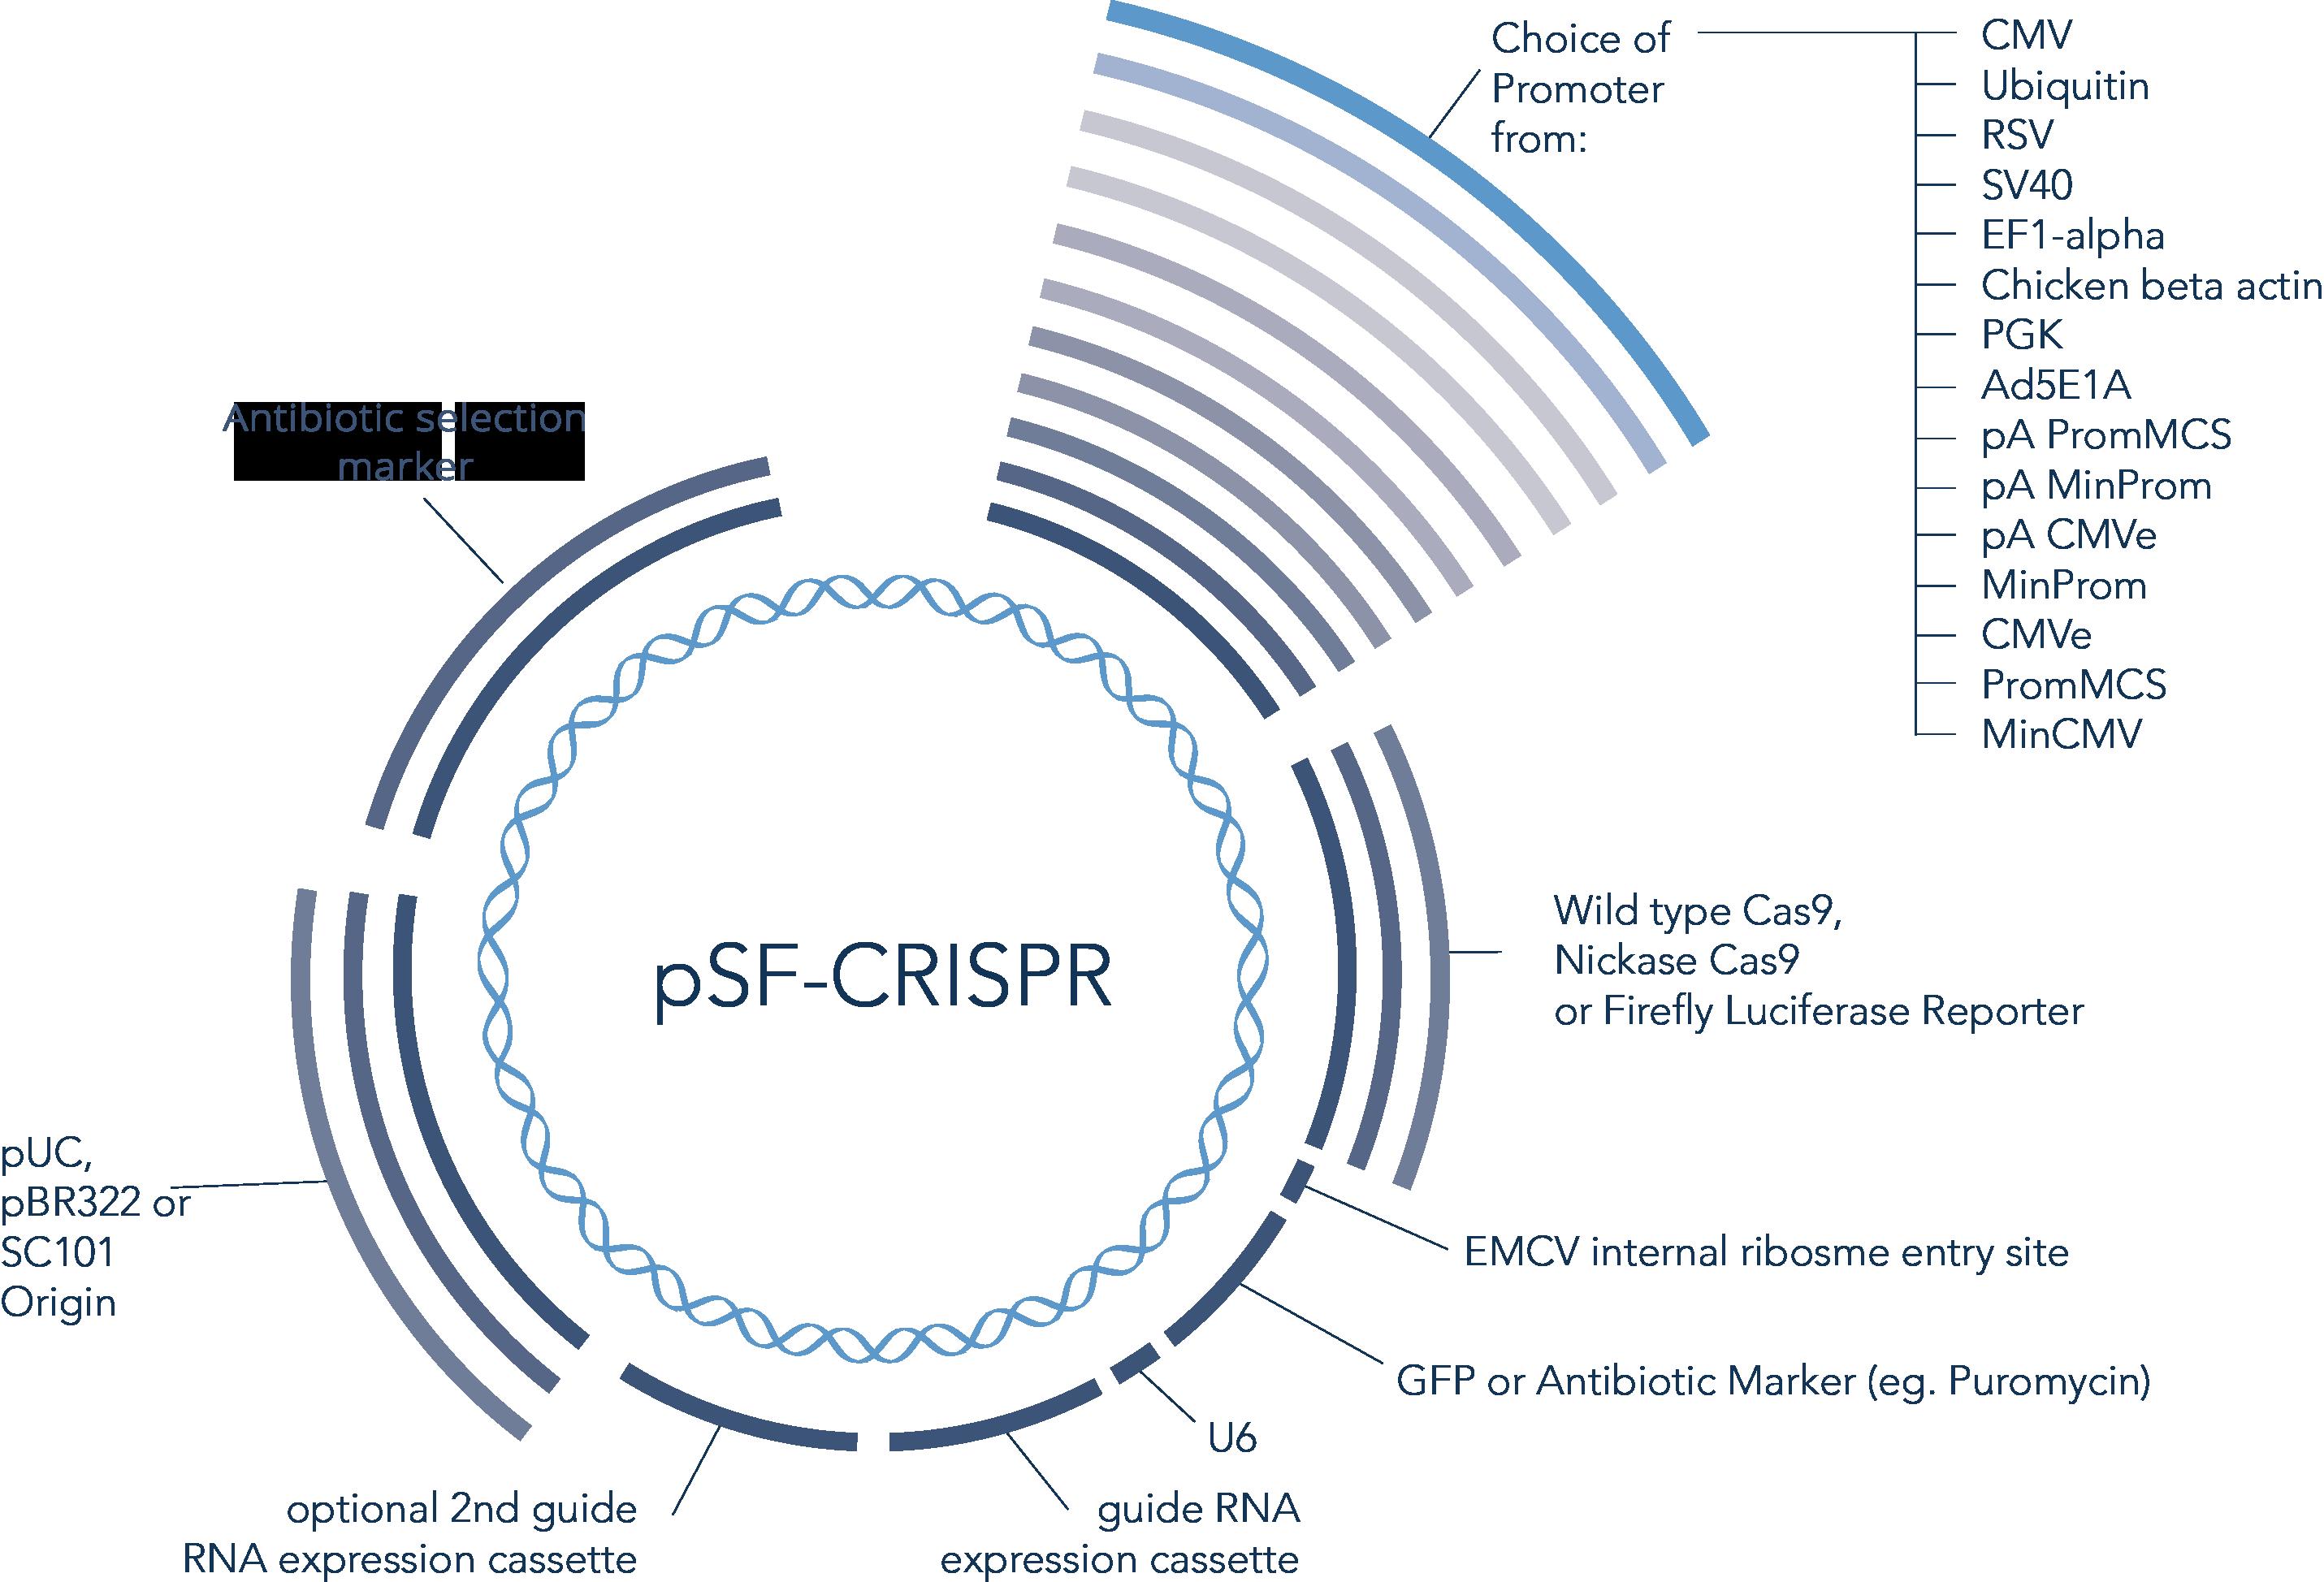 Overview of Crispr Vector